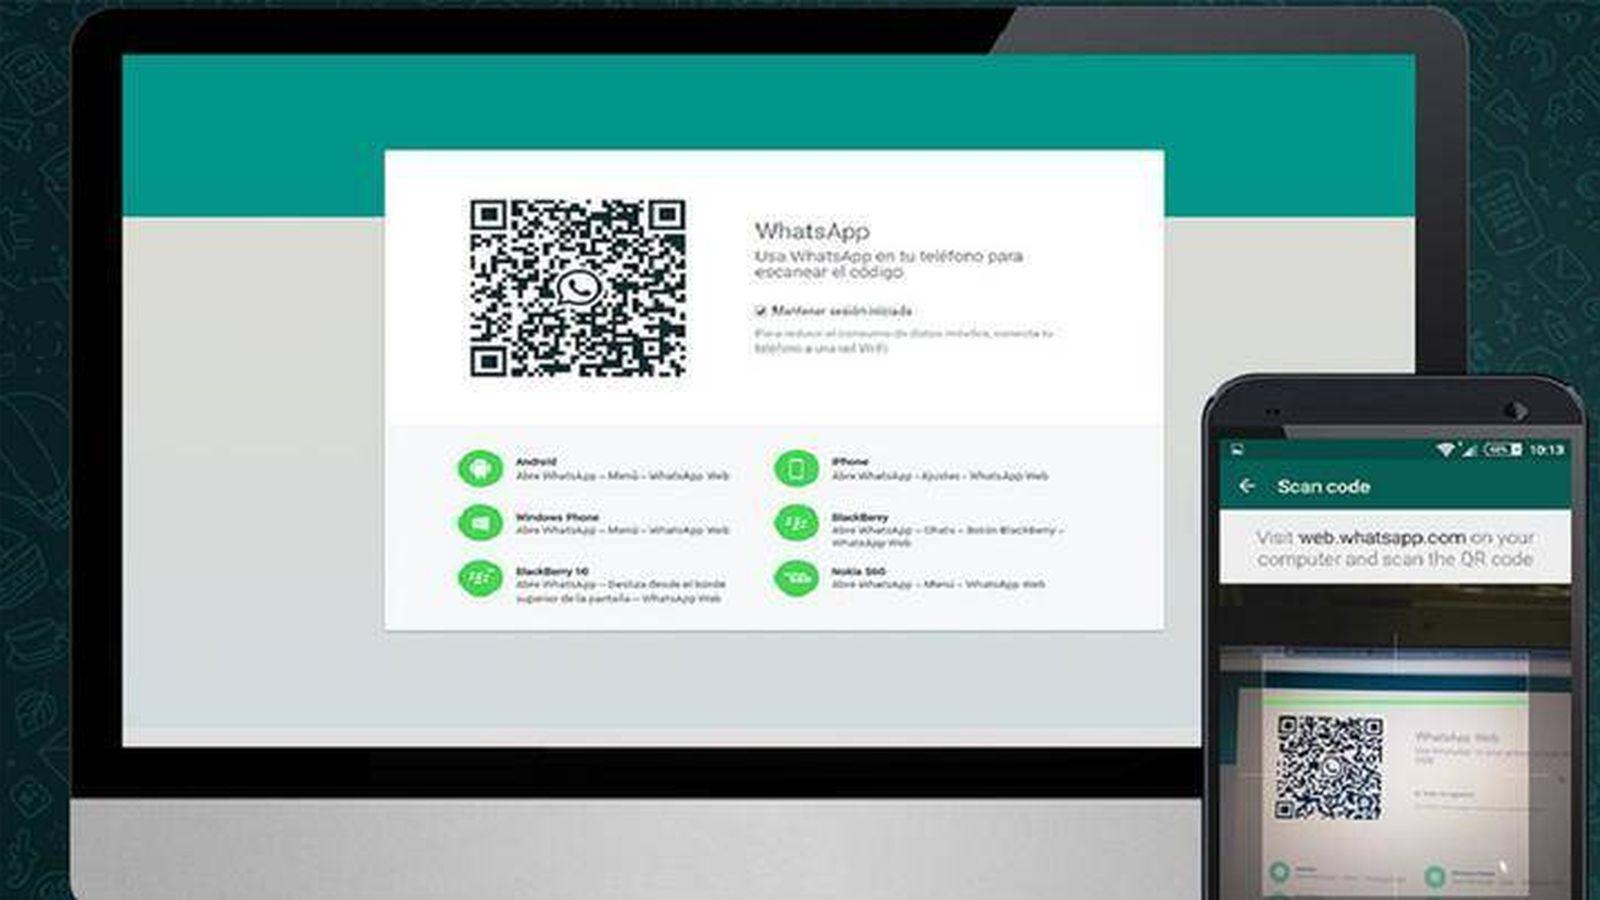 WhatsApp  Cinco funciones escondidas de WhatsApp Web que te harán usarlo  para siempre fbbc15be36f